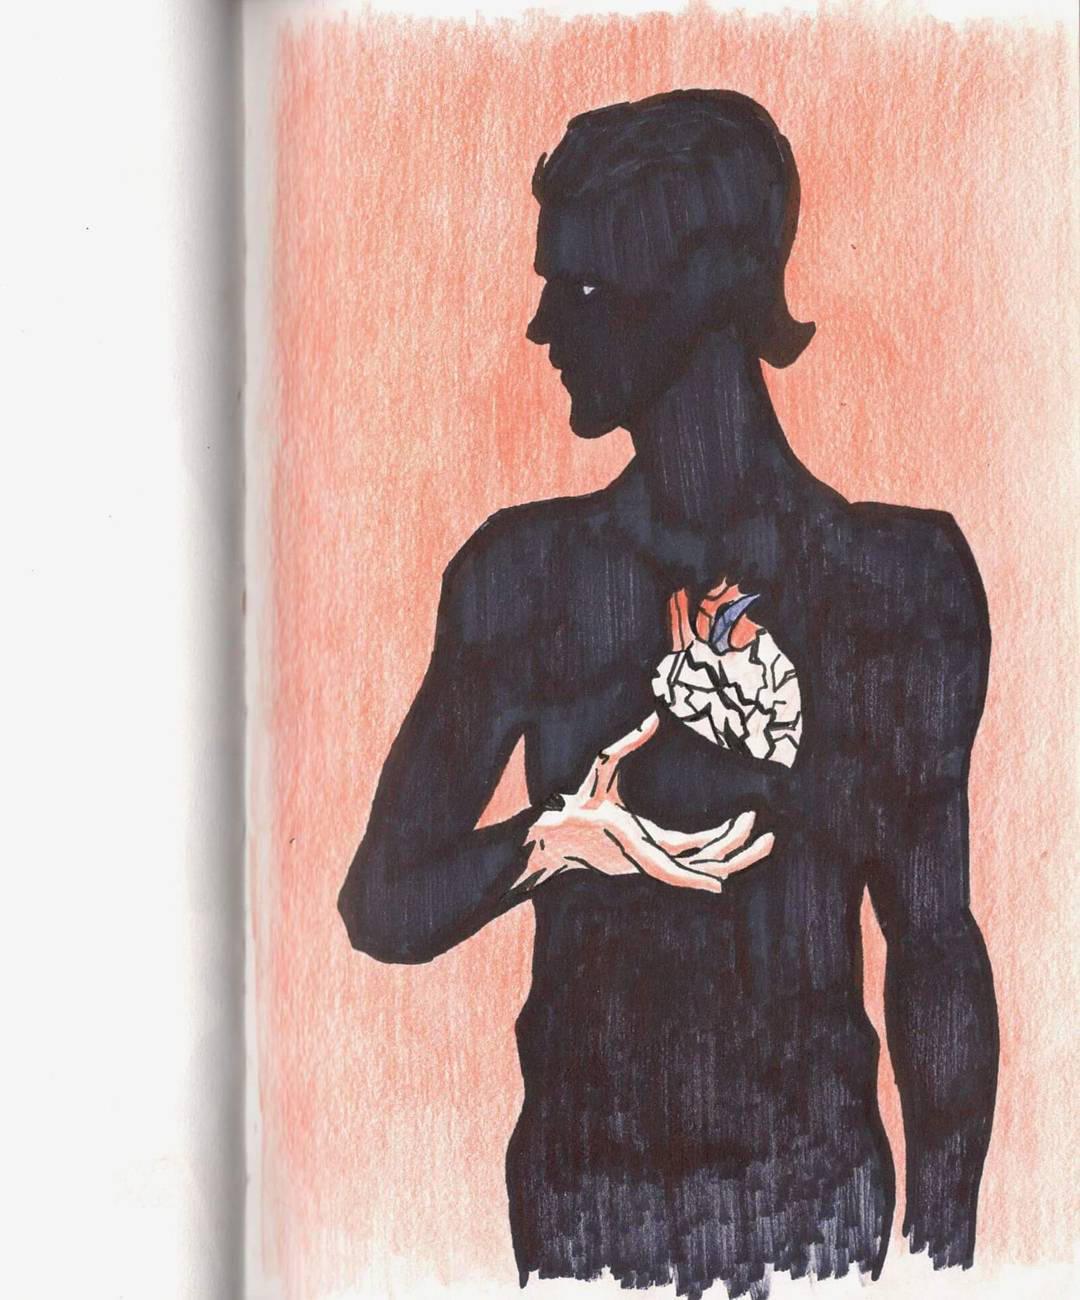 The heart will break by gordo258